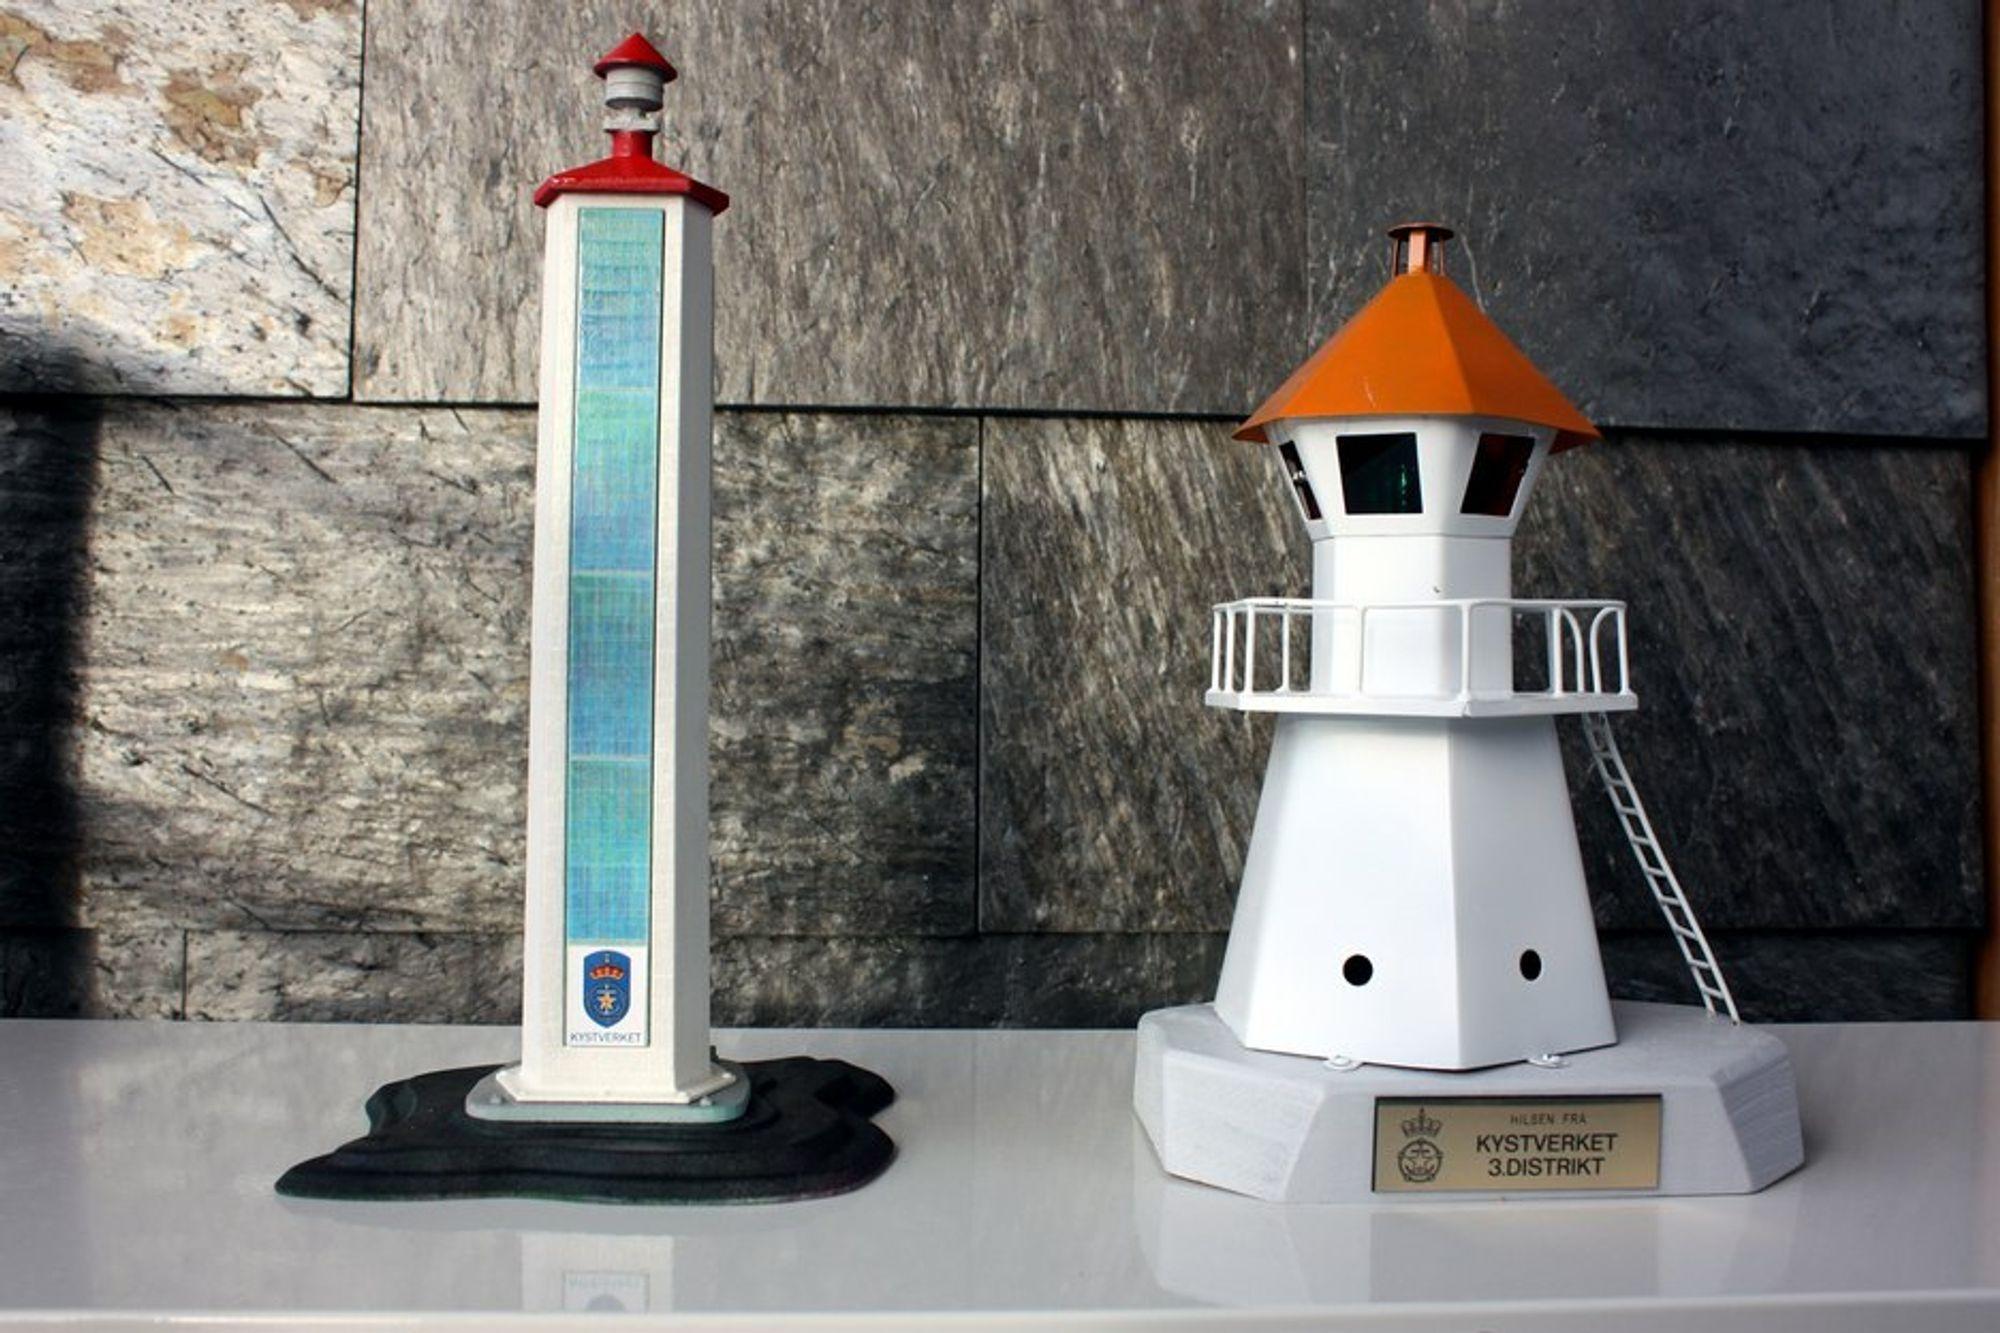 De nye fyrlyktene (t.v.) er utstyrt med solcellepanel og skiller seg vesentlig fra de fyrlyktene vi kjenner langs norskekysten (t.h.). Dette er modeller ved Kystverket i Ålesund.